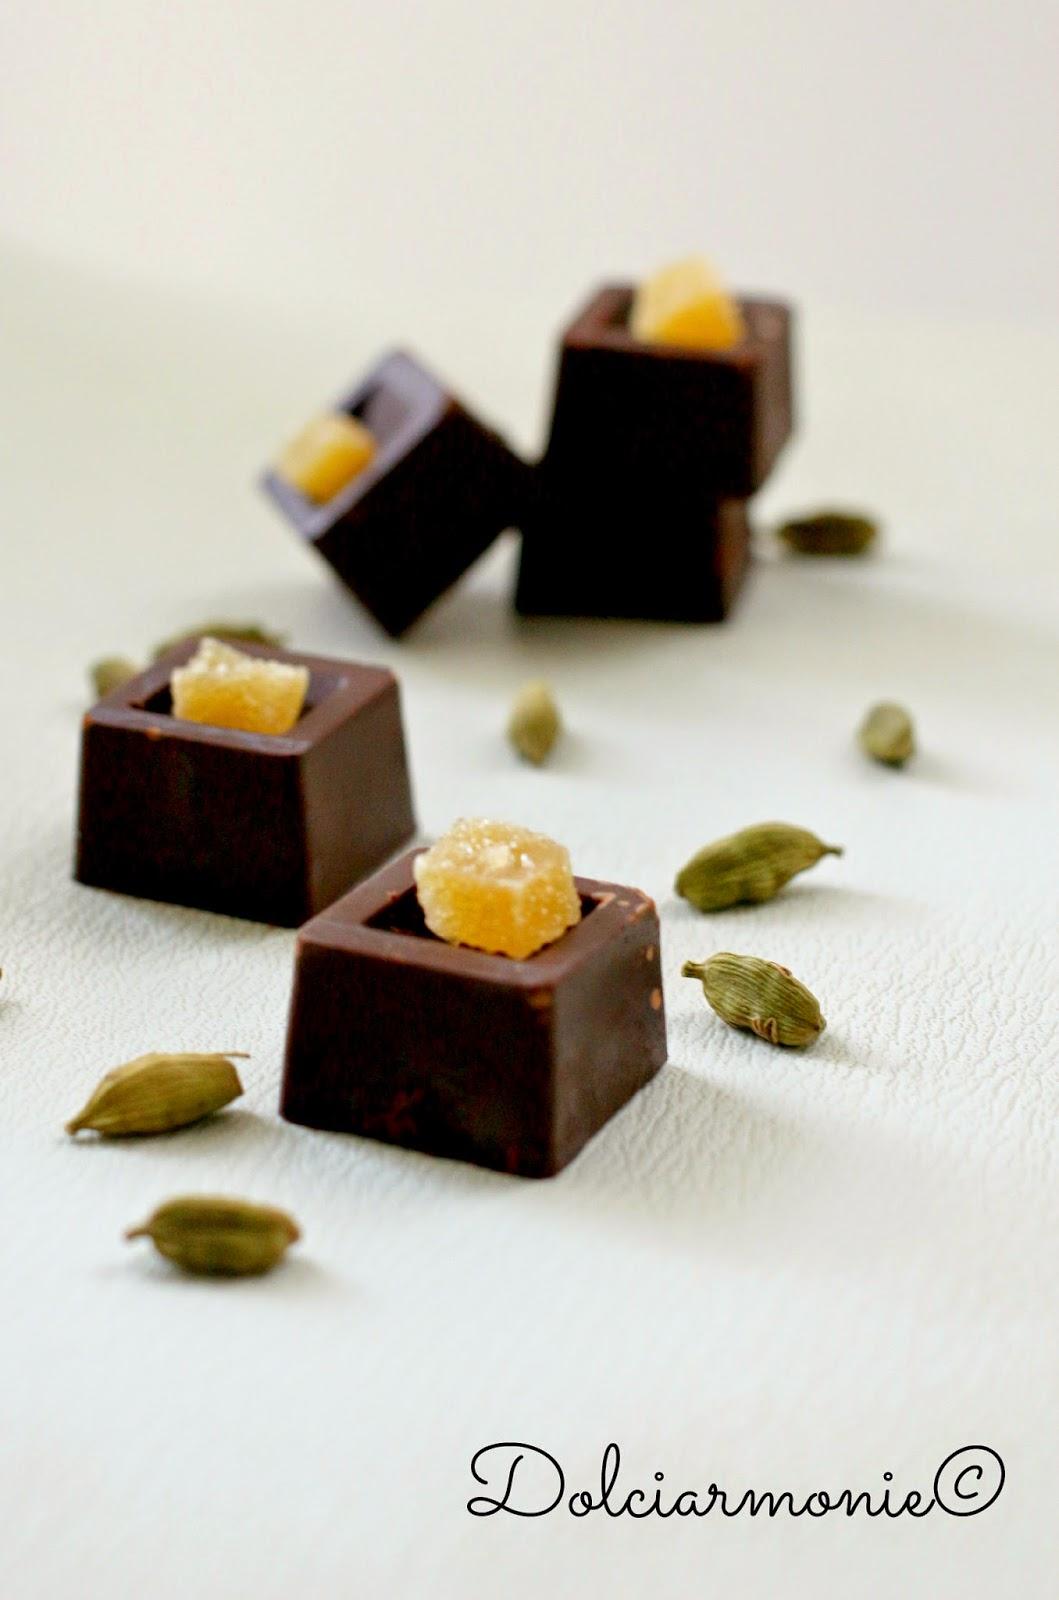 cioccolatini al cardamomo e zenzero caramellato e buona festa della donna